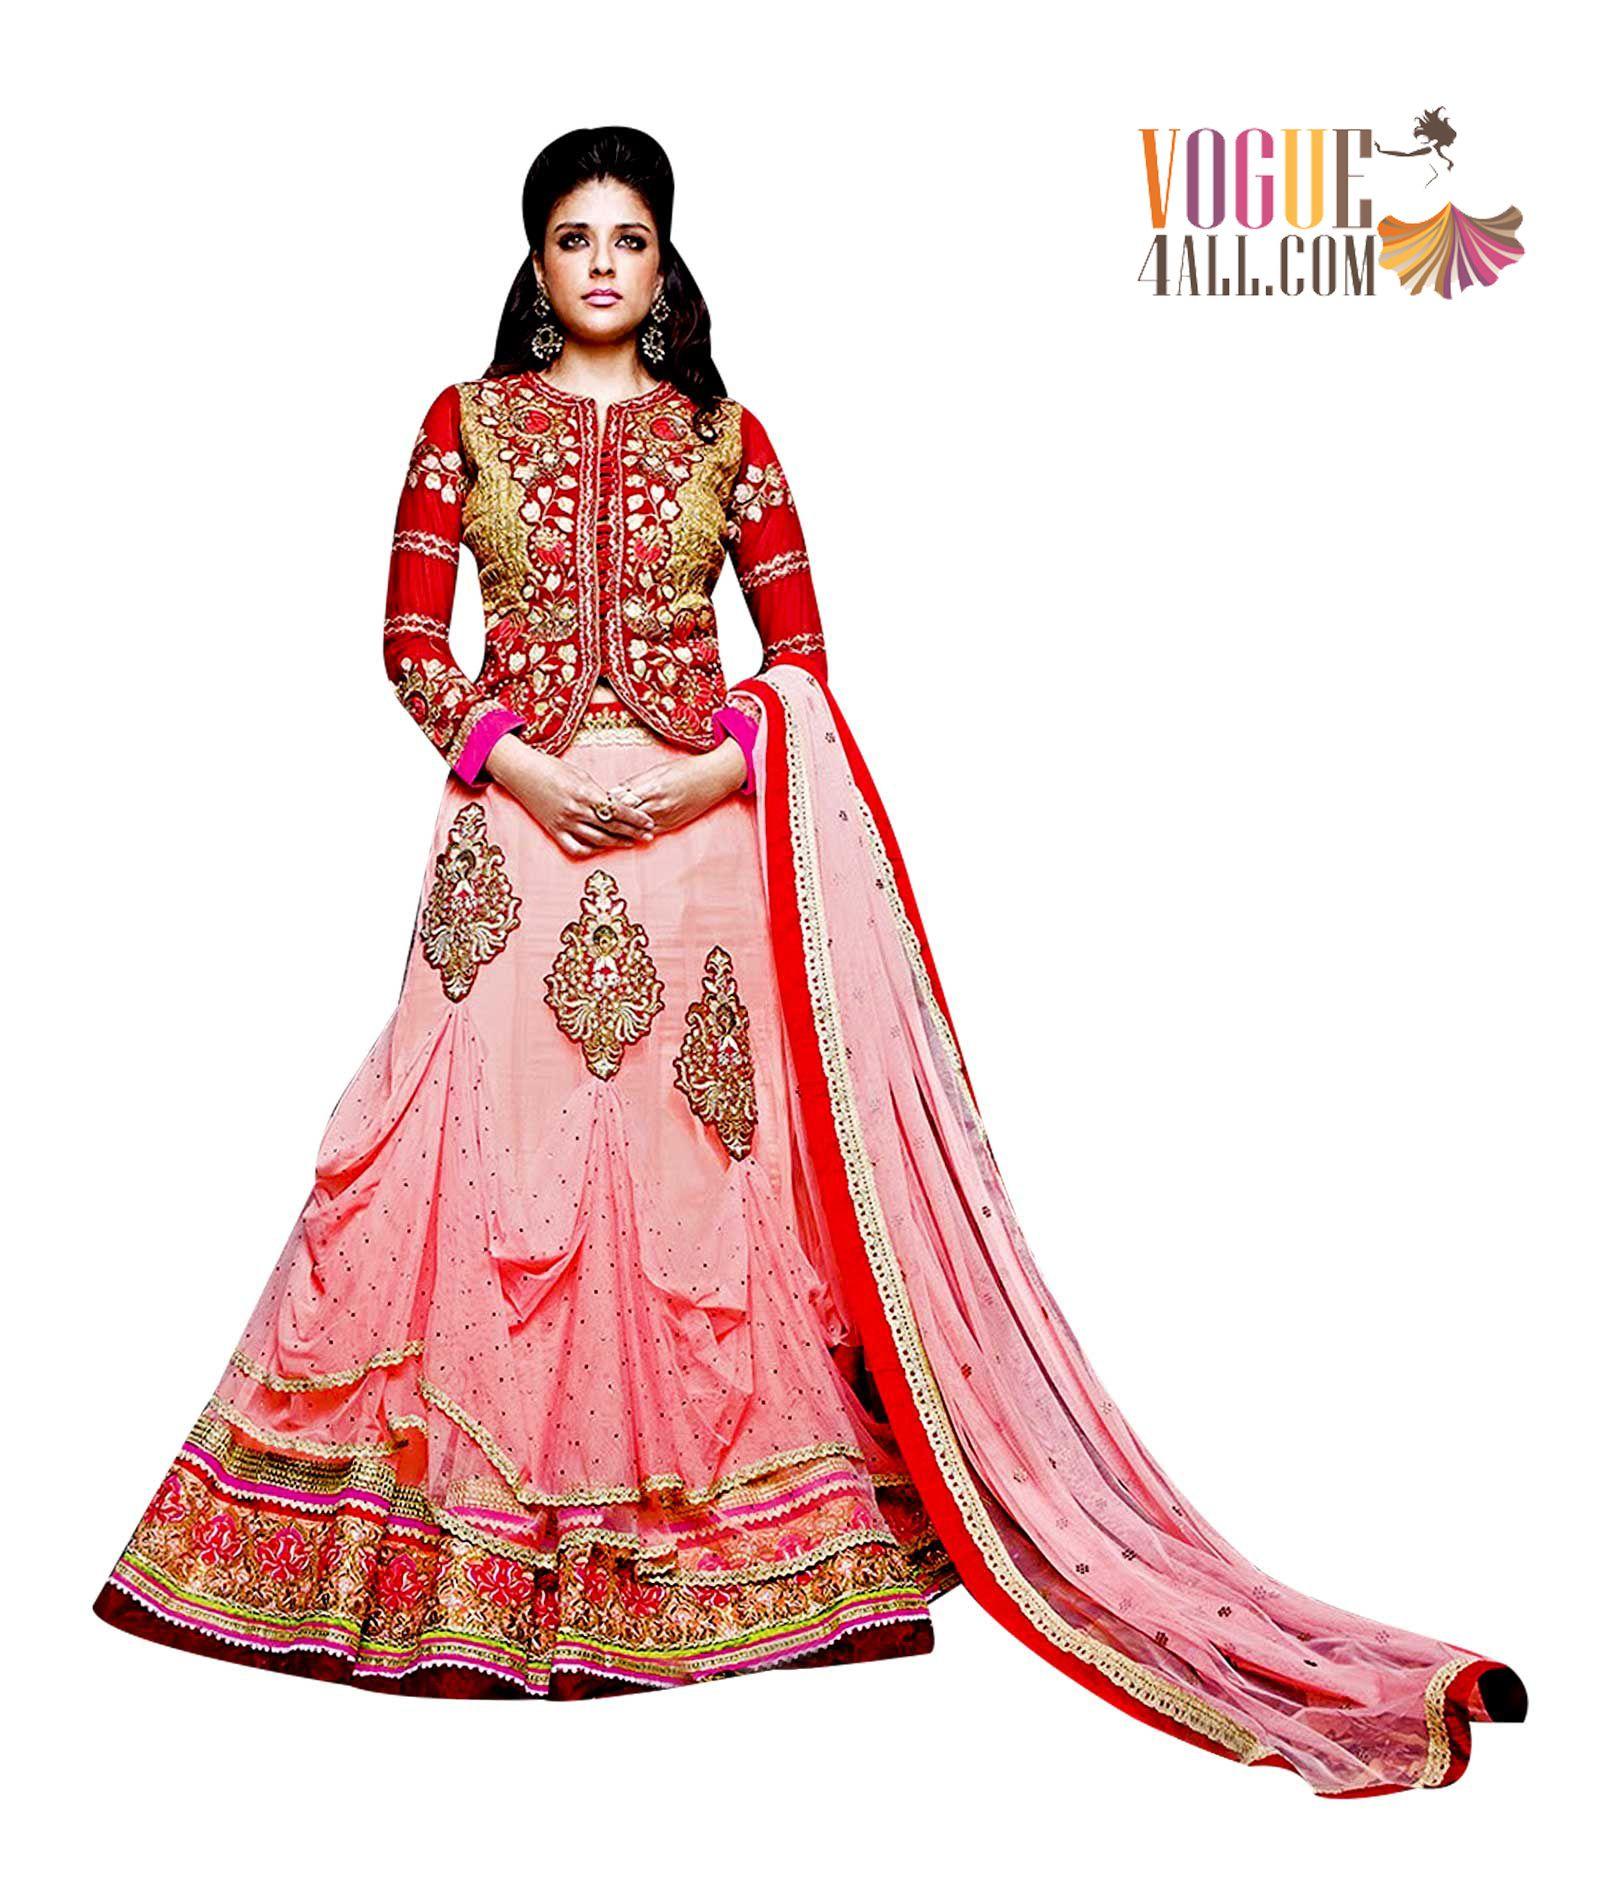 Bridal Wear, Ethnic Wear, Women\'s Party Wear   Bridal Gowns   Pinterest